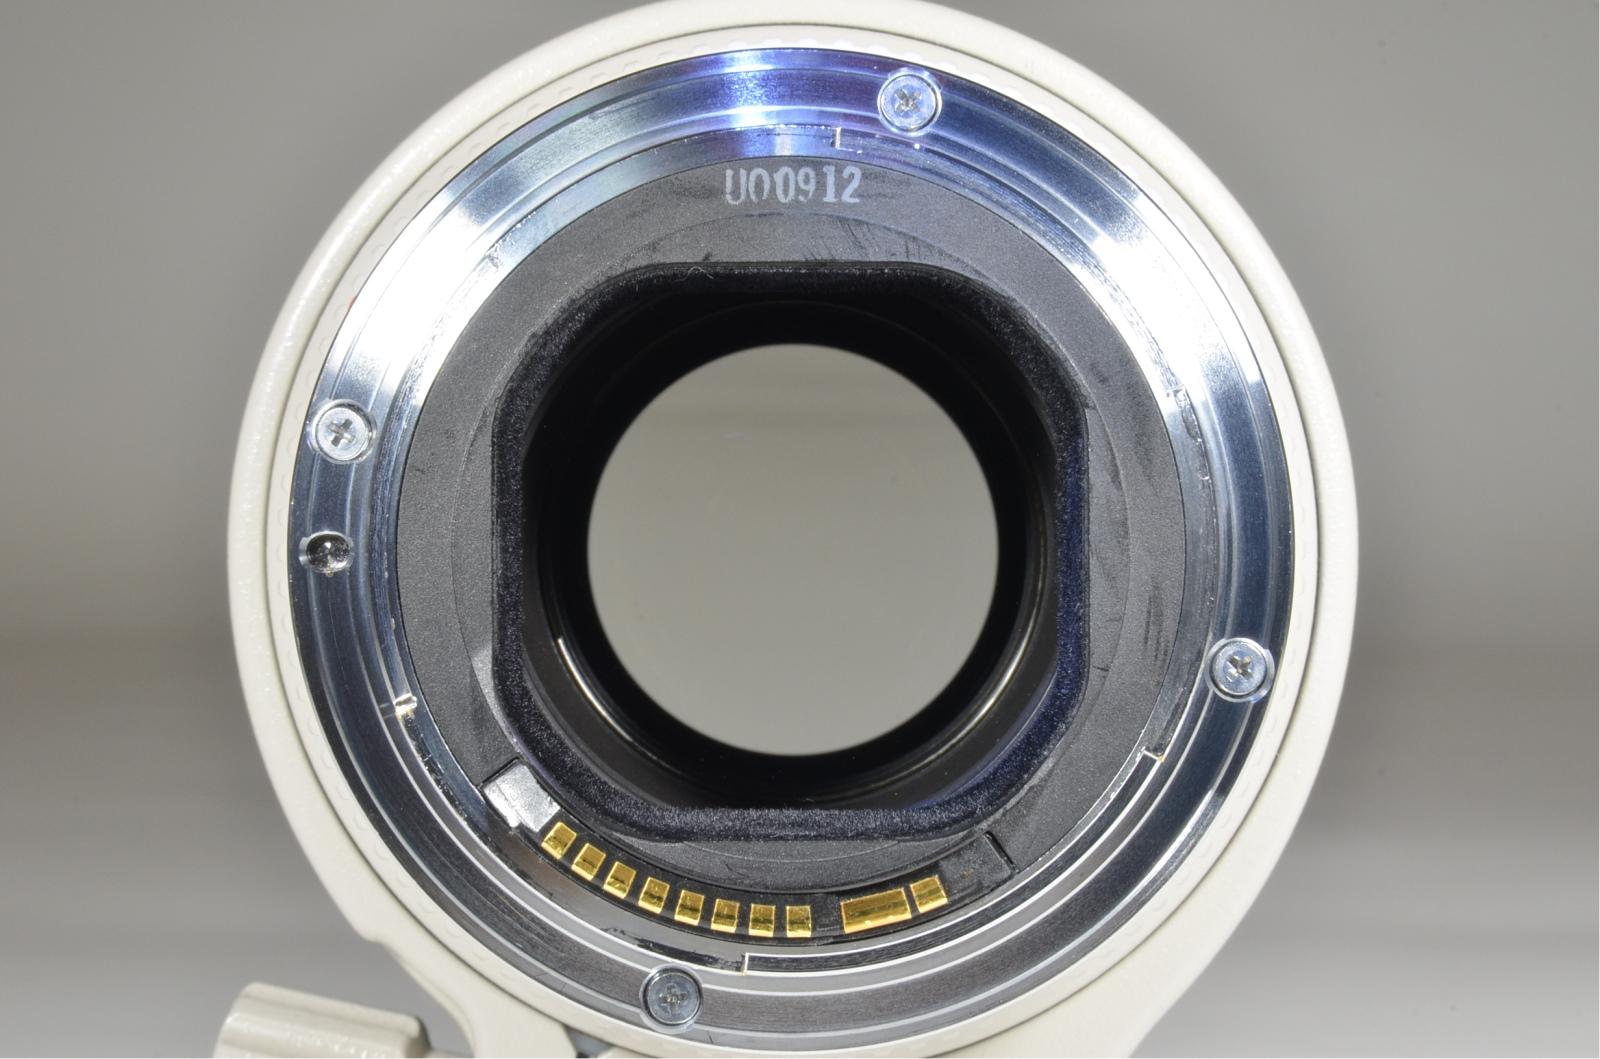 canon ef 70-200mm f/2.8 l usm ultrasonic